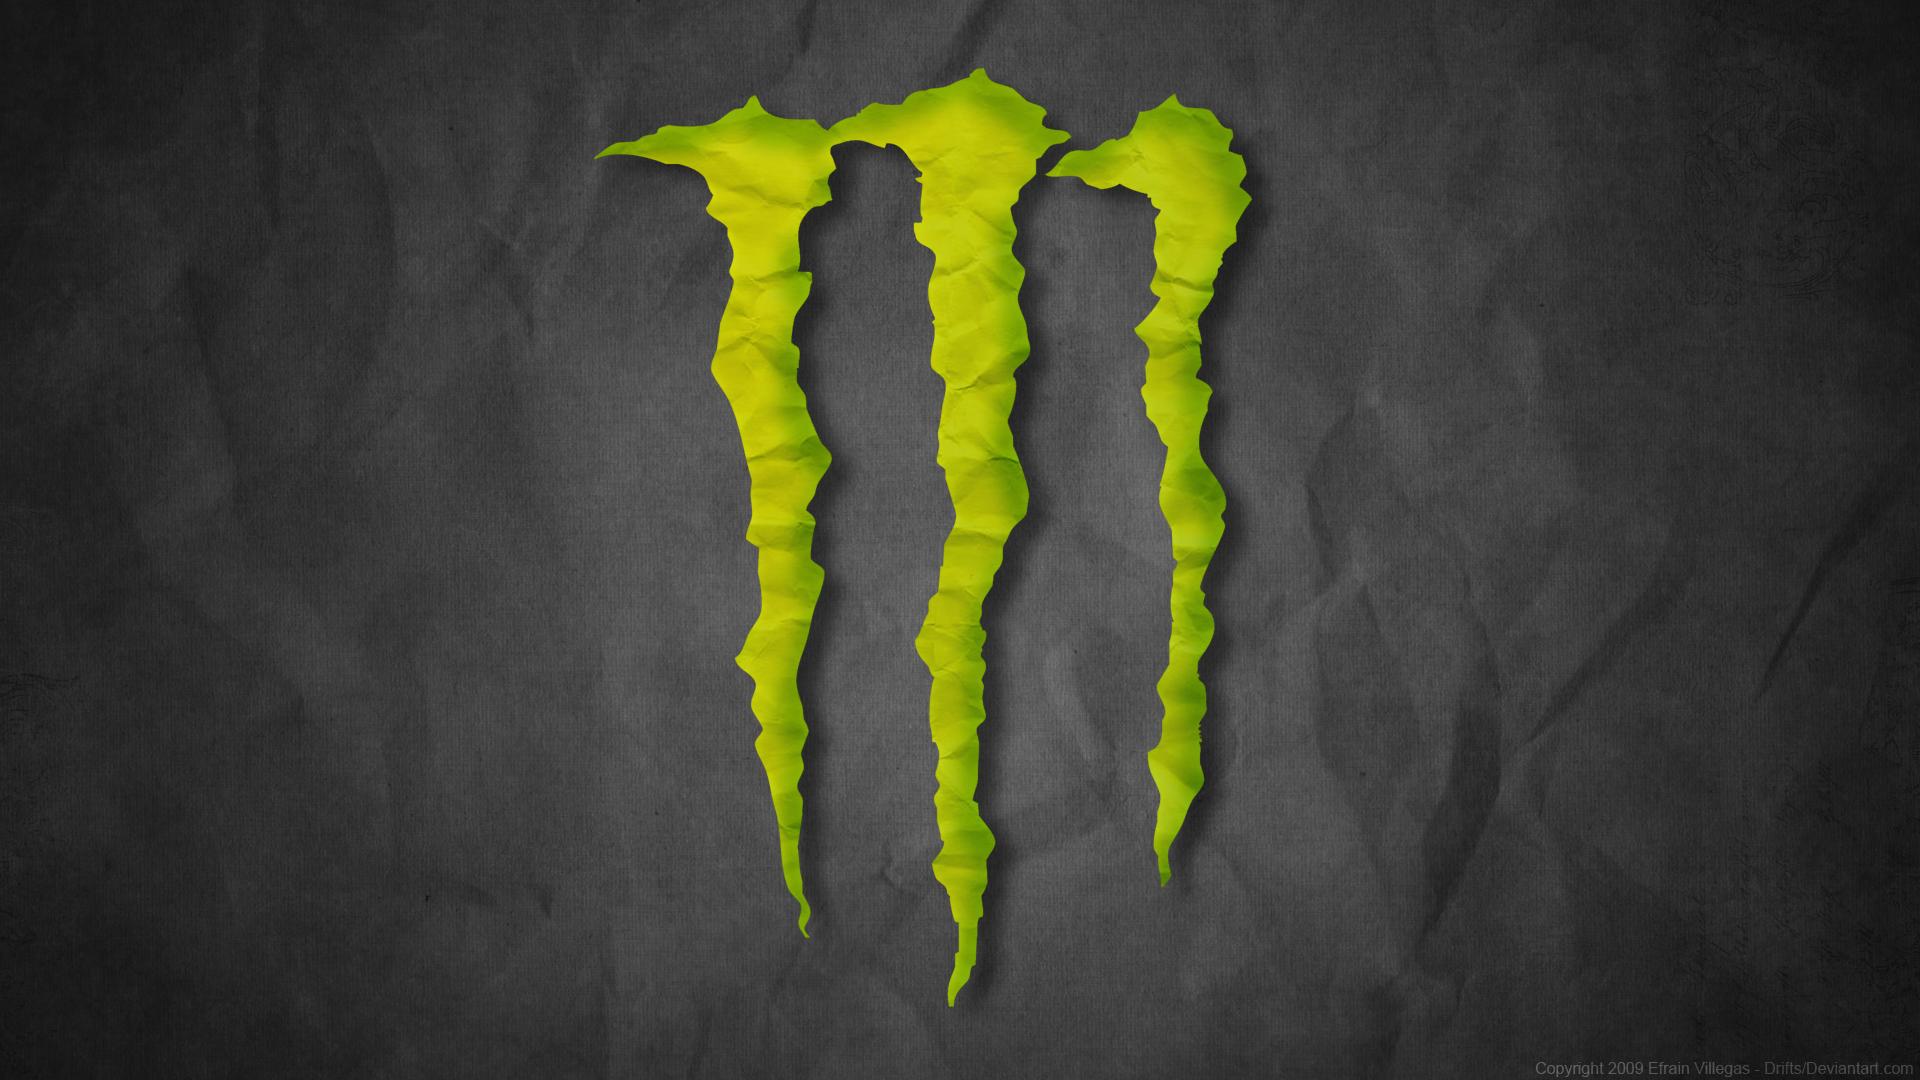 Monster Energy monster energy 666 Wallpapereorg 1920x1080